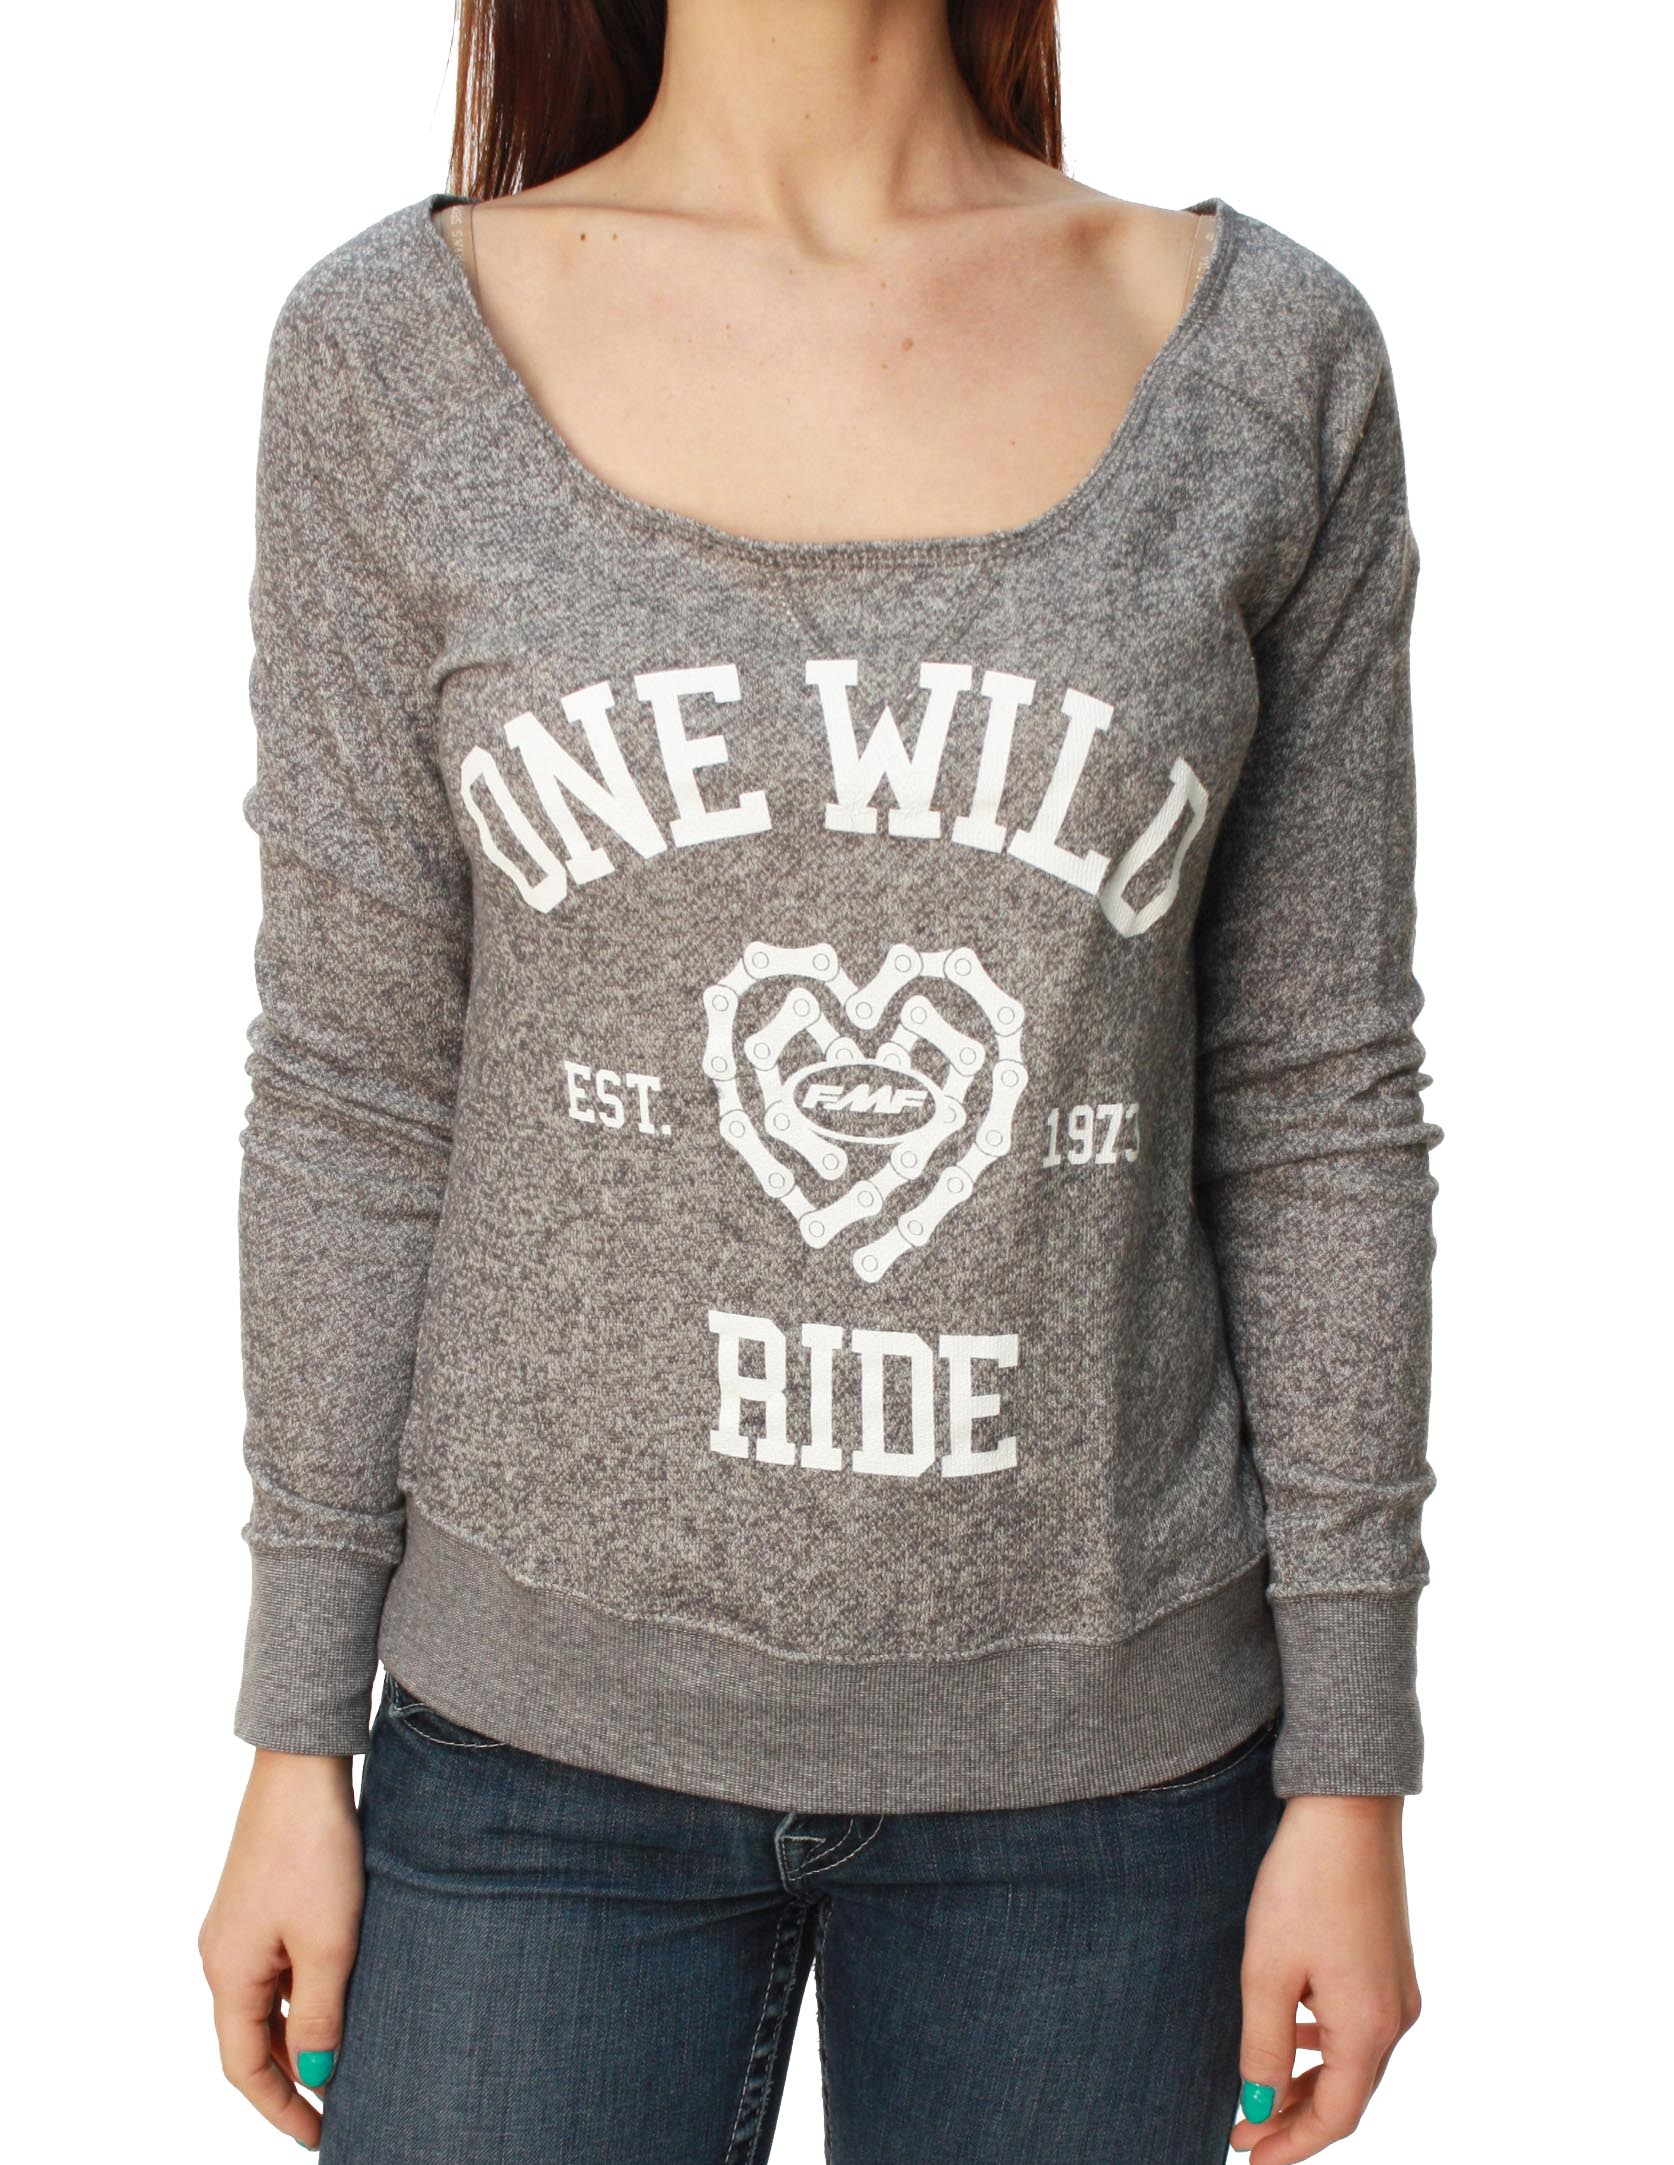 FMF Racing Women's Wild Ride Fleece Scoop Neck Sweater